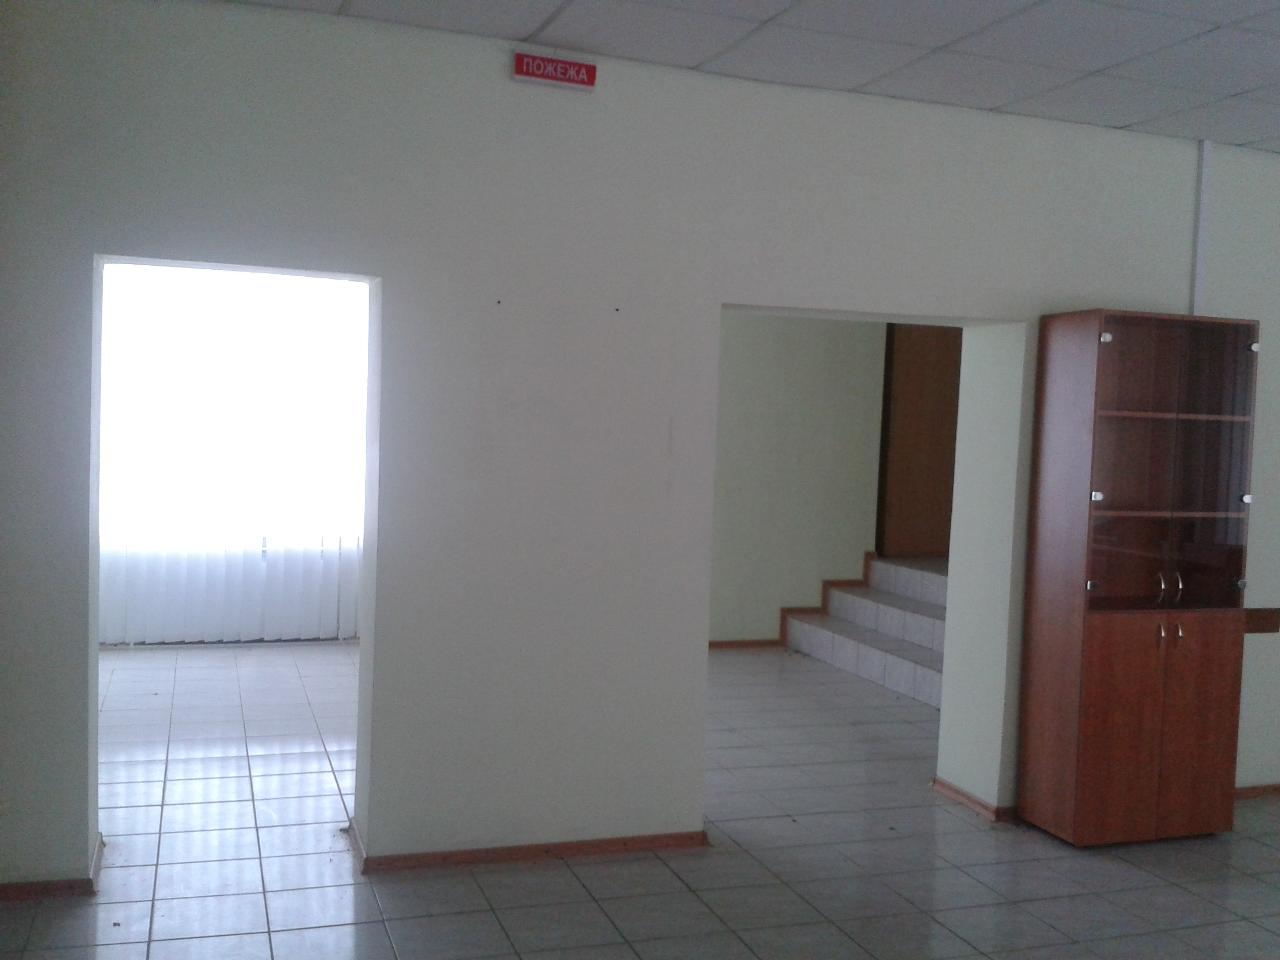 Нежиле приміщення, адміністративний будинок  (літера А), загальною площею 143,9 кв.м, в м. Ямпіль